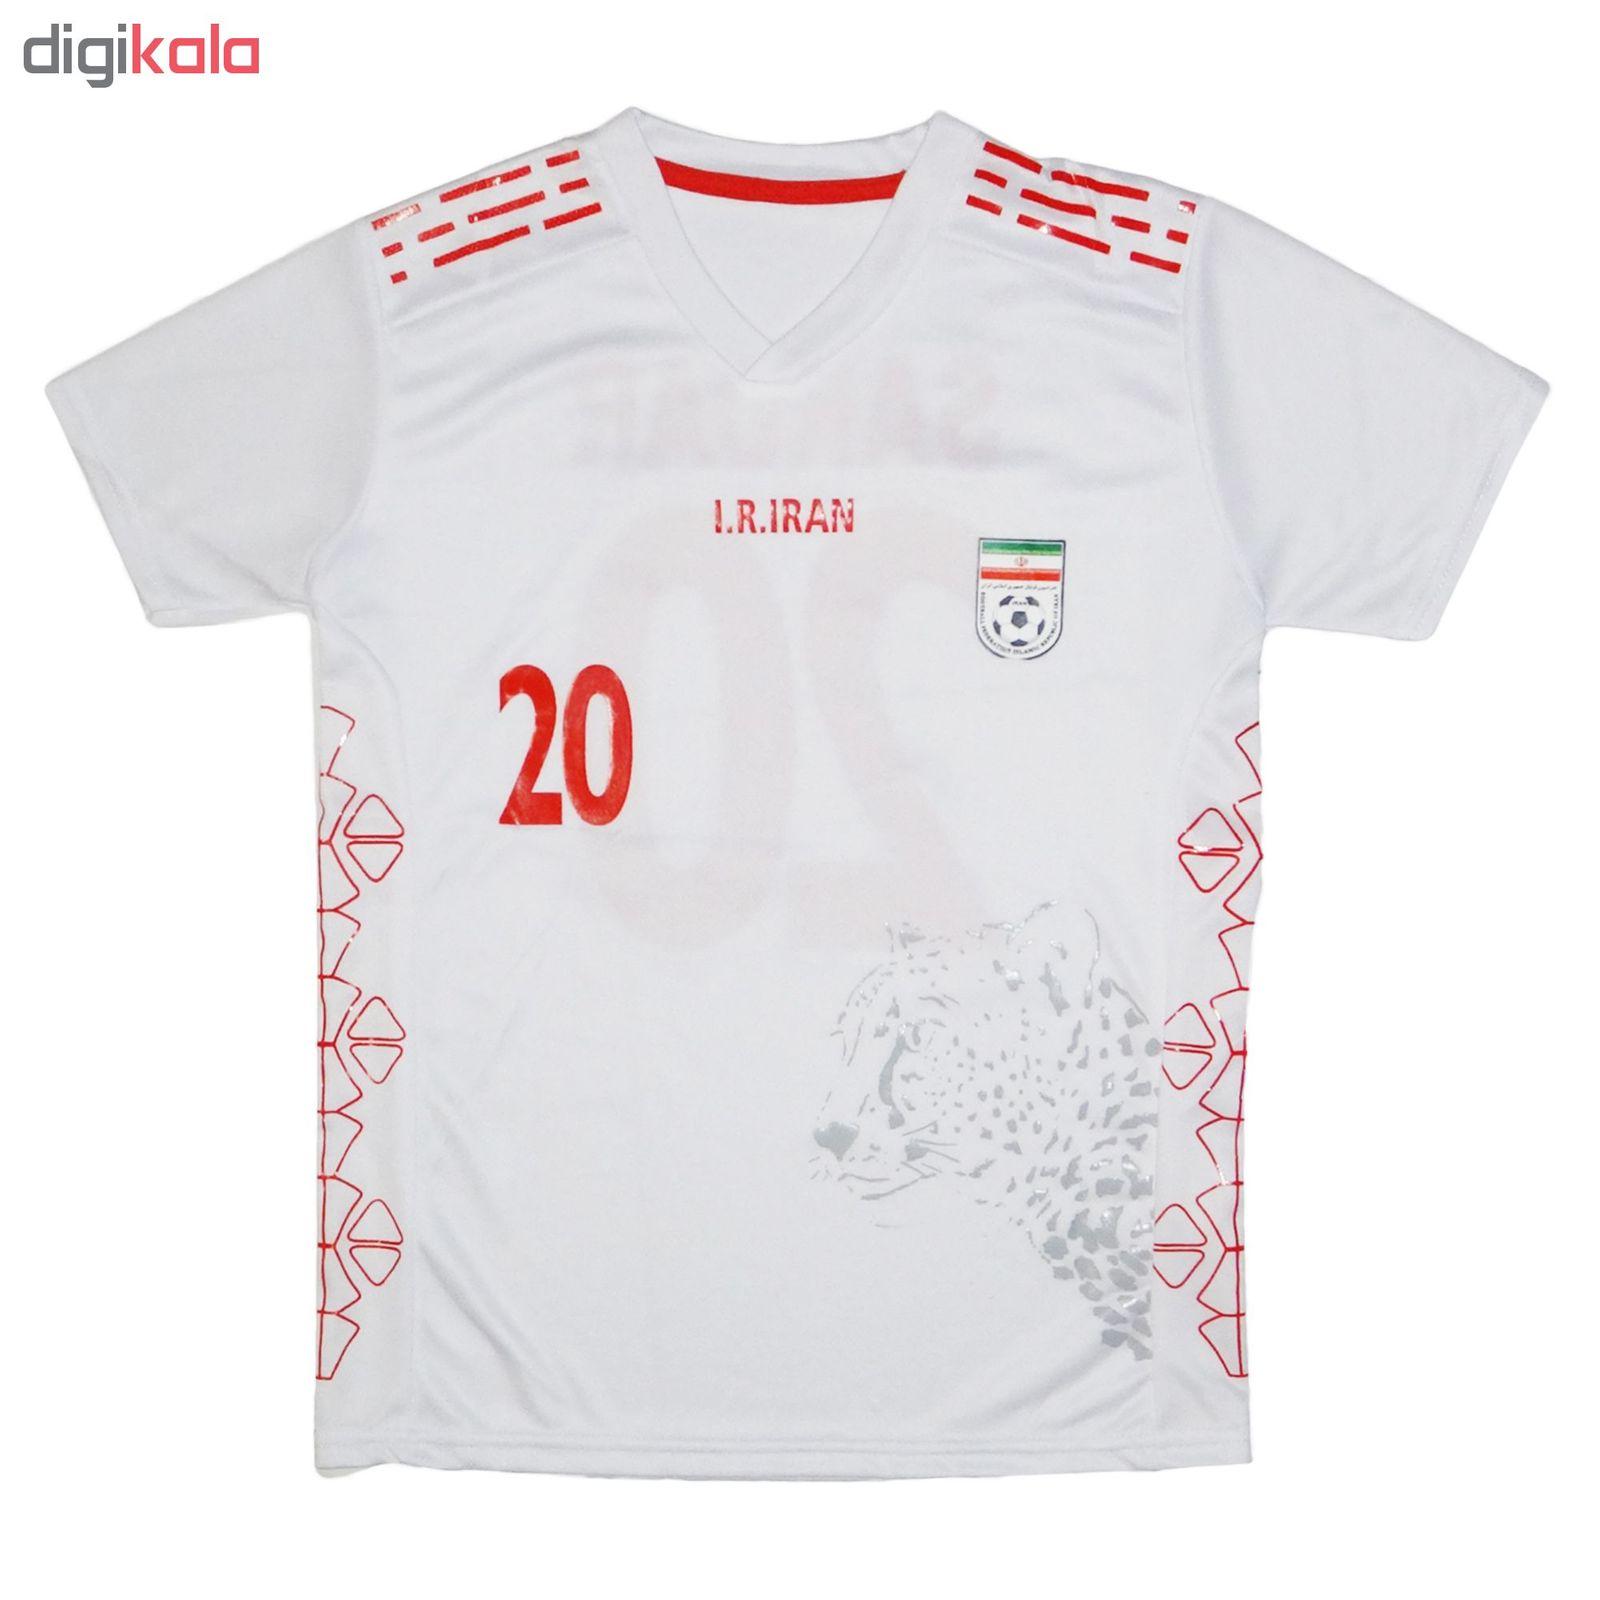 ست پیراهن و شورت ورزشی پسرانه طرح تیم ملی ایران کد 2020 main 1 2